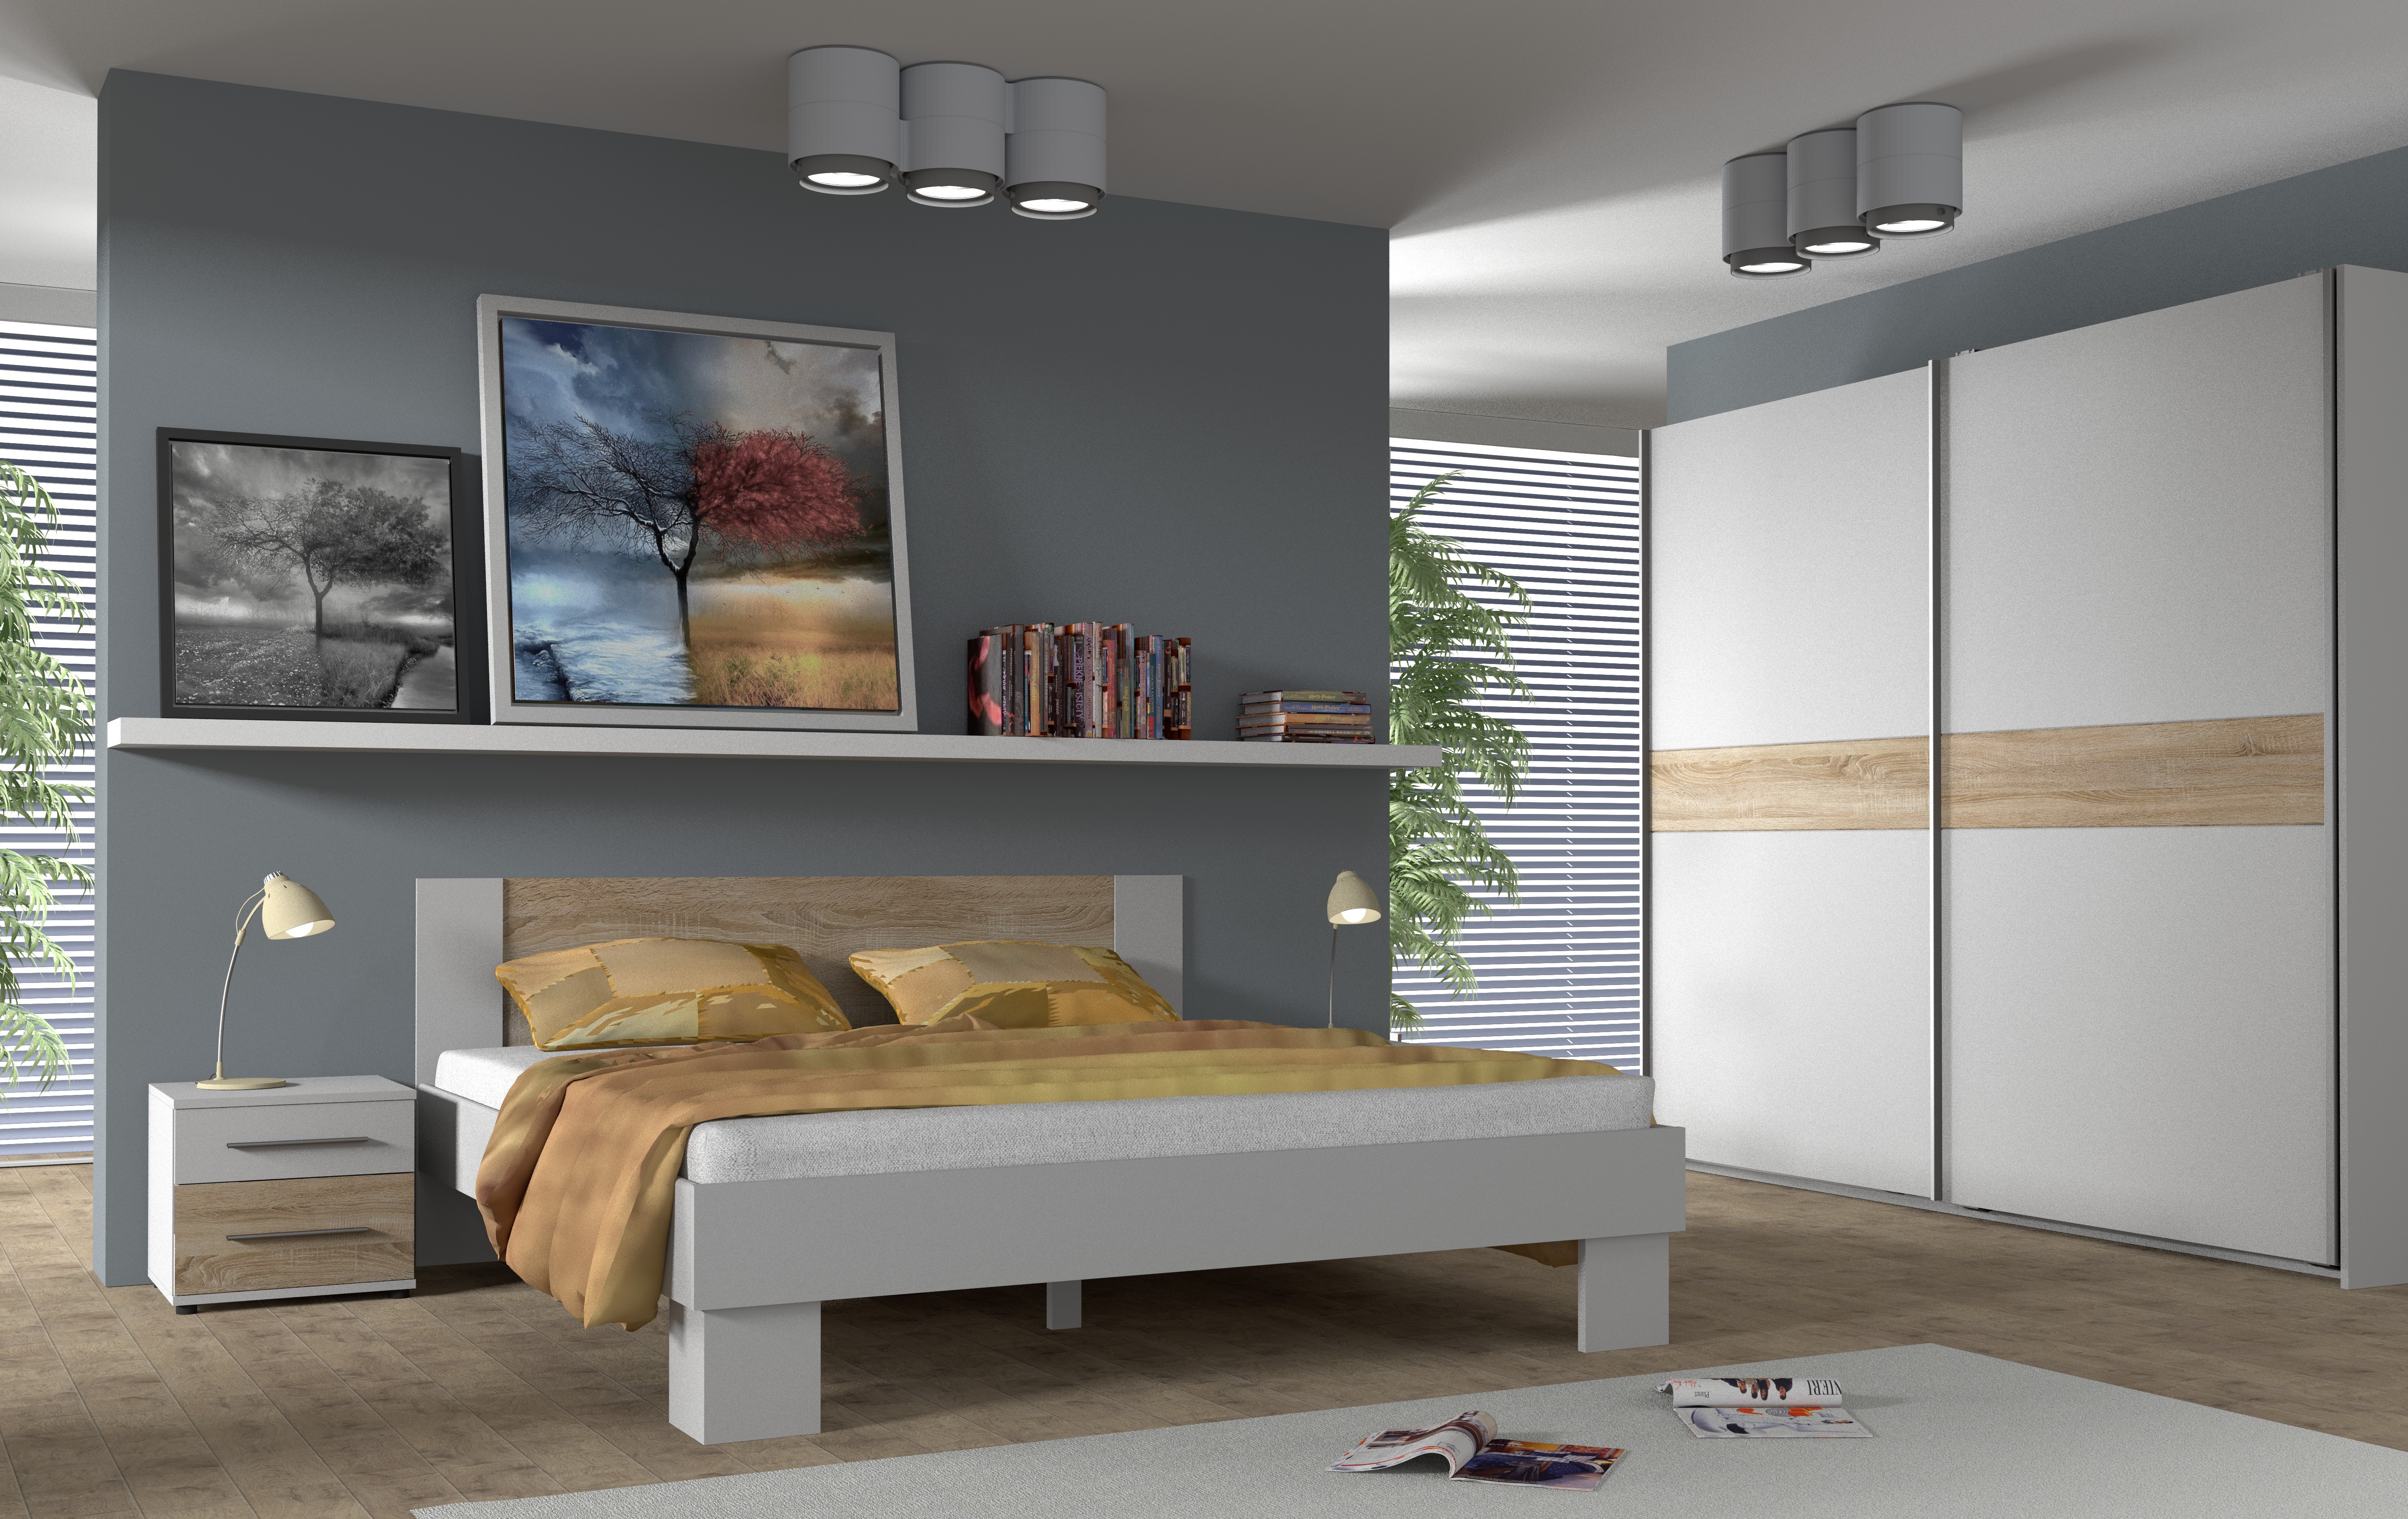 Ložnicová sestava COCOA, postel + rošt 180x200, Bílá/dub Sonoma